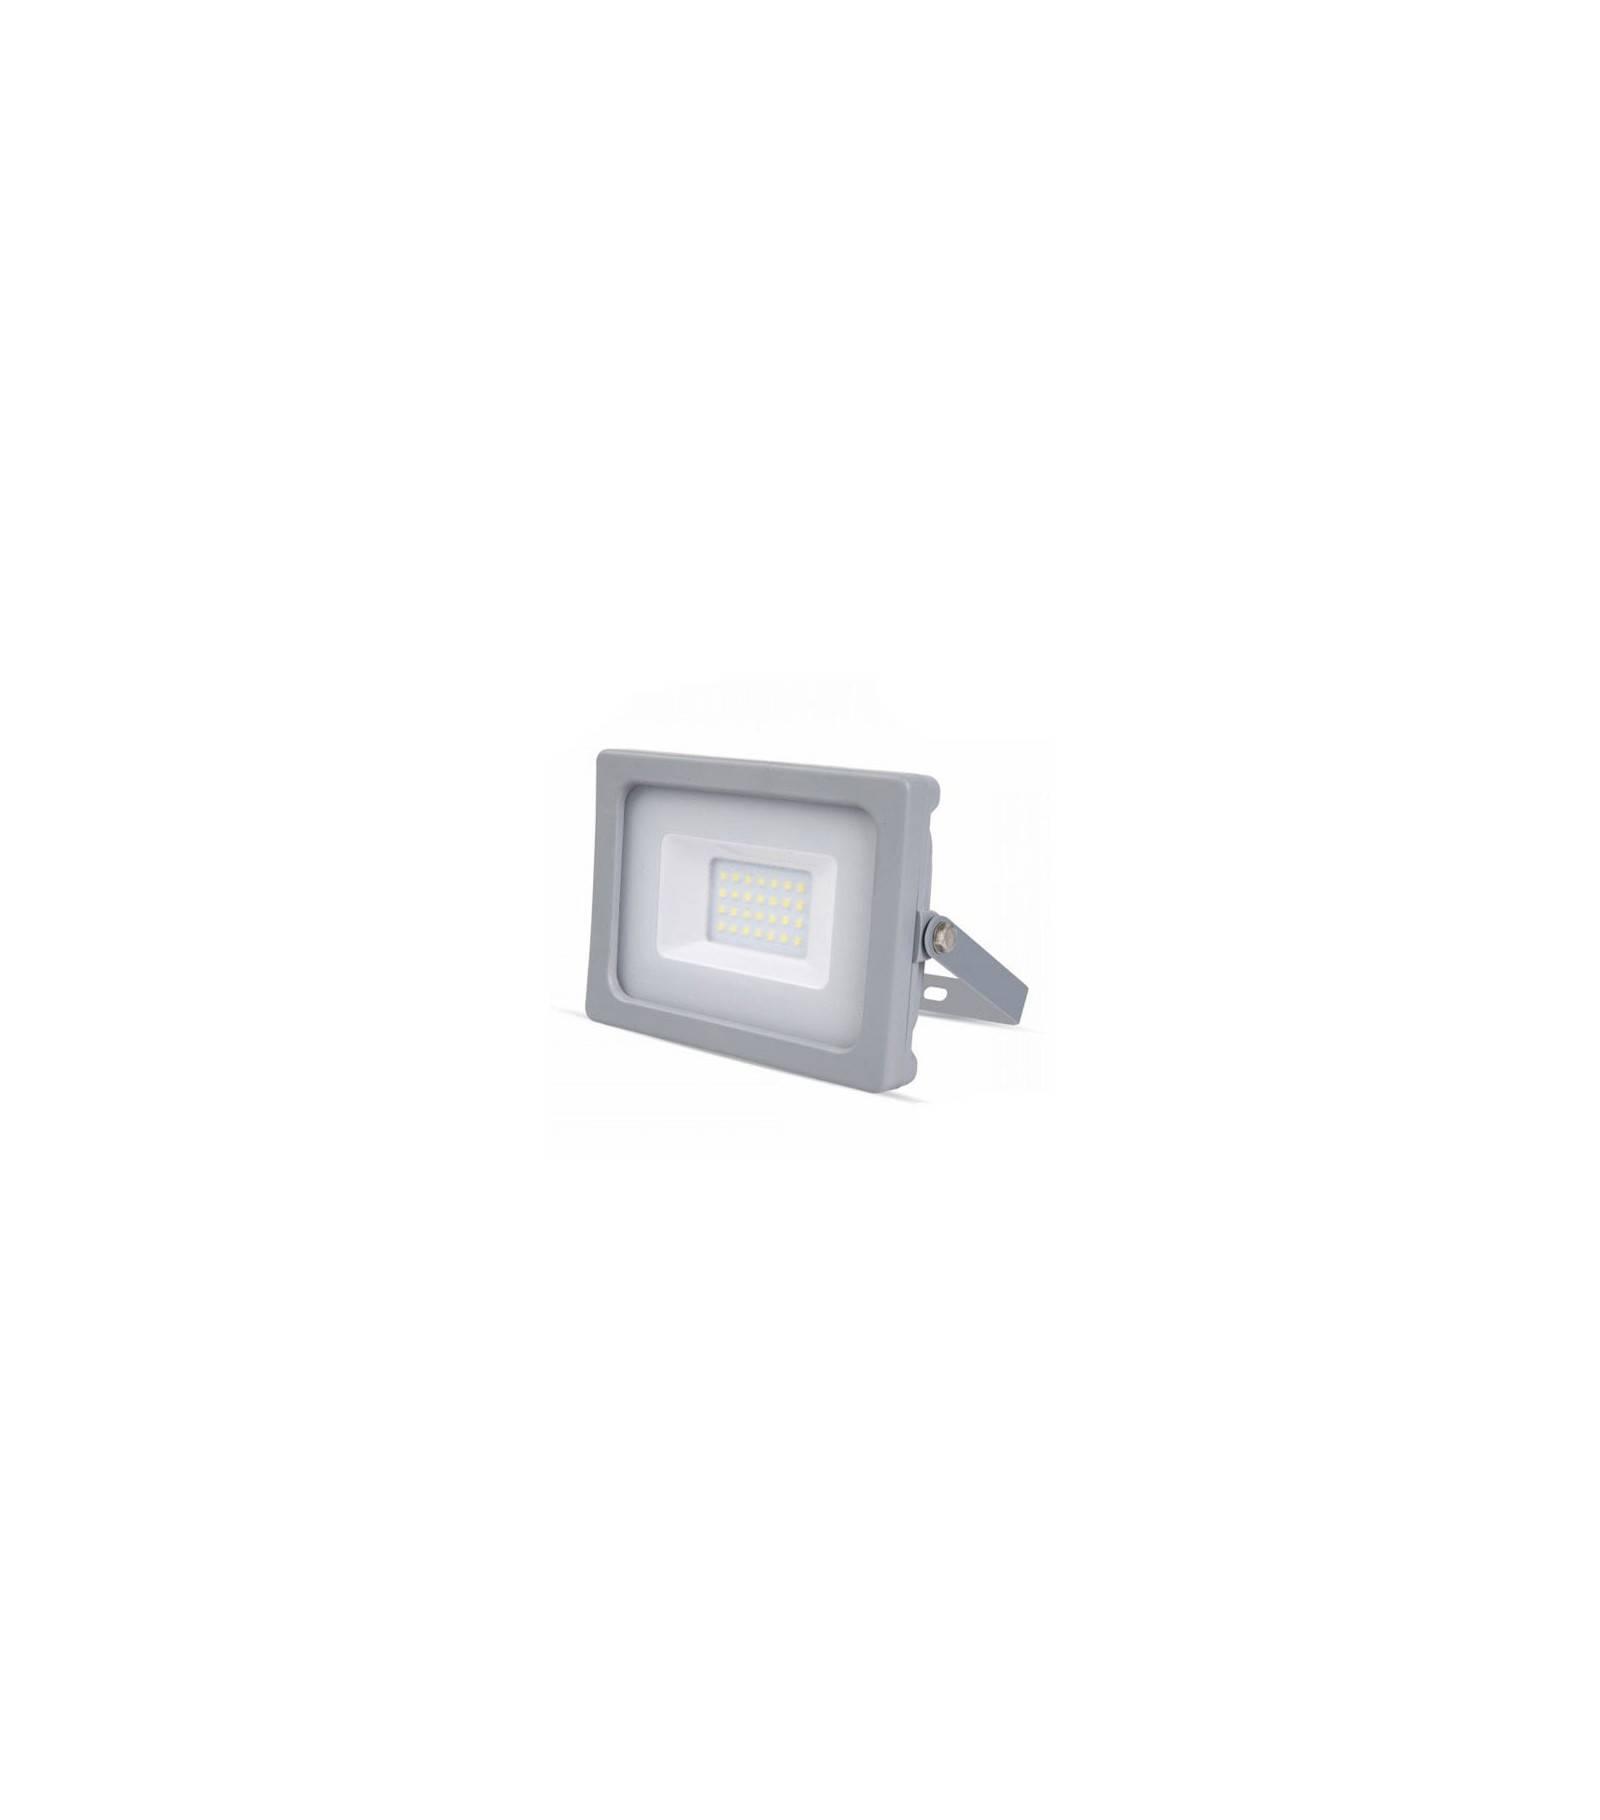 V-TAC Projecteur LED SMD 20W IP65 4000K V-TAC - 443